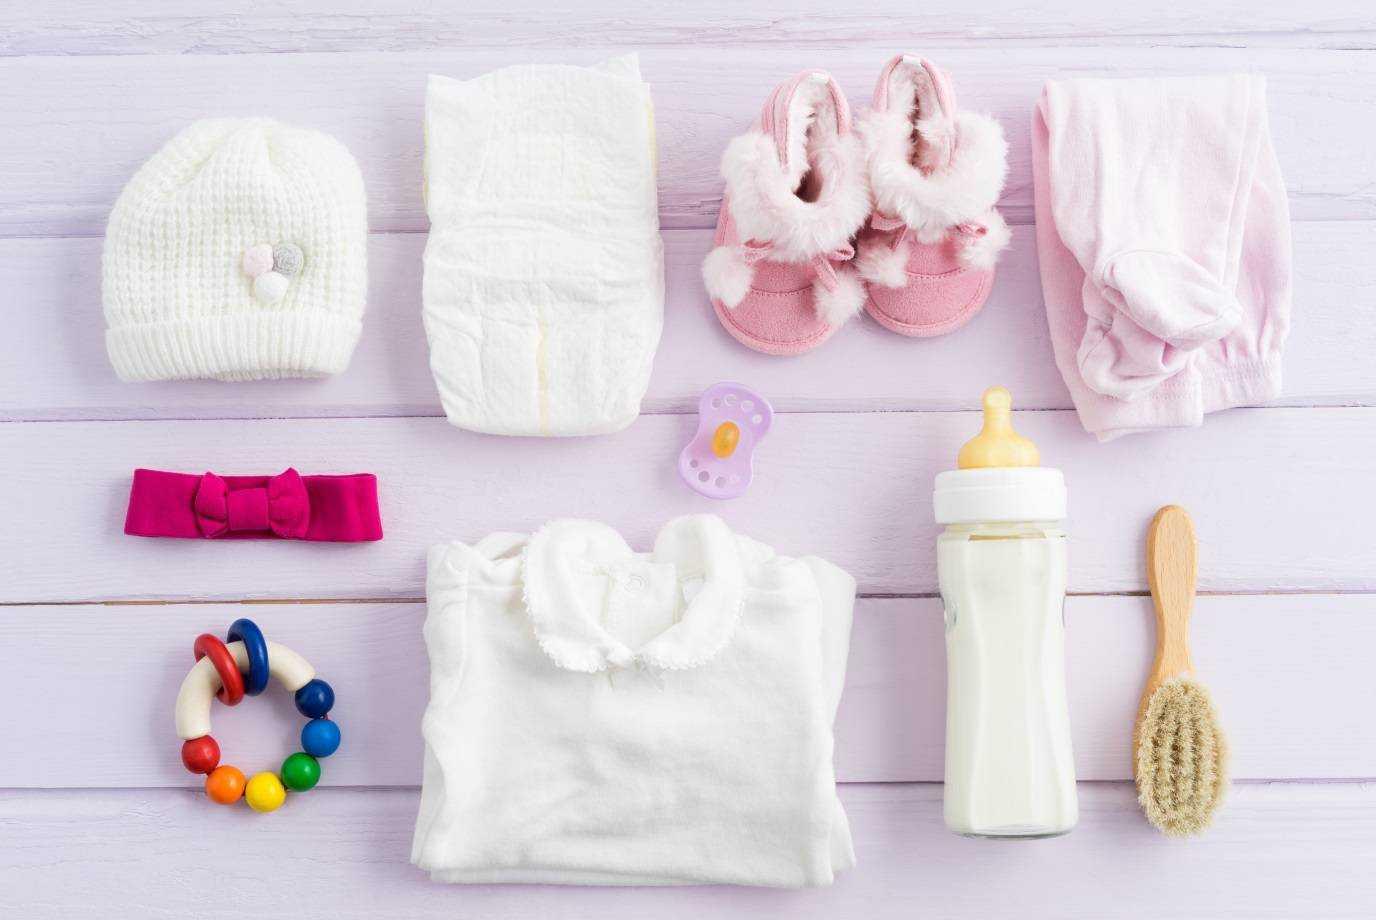 Топ- 11 вещей, которые точно не нужно покупать новорожденному